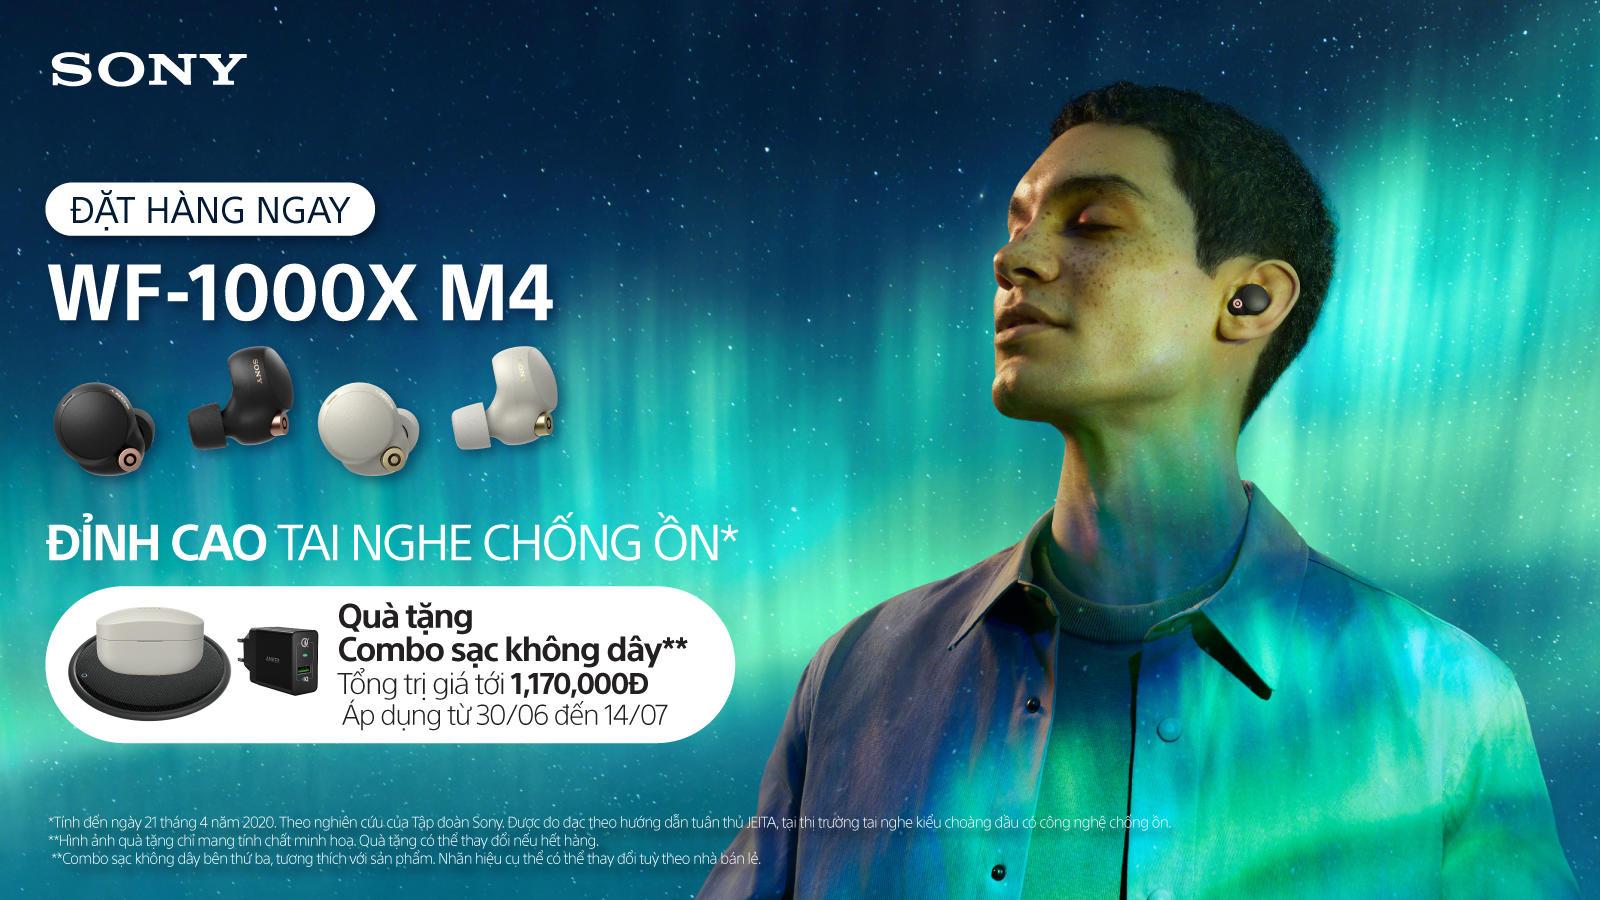 Sony WF-1000XM4 chính thức bán ra giá 6,5 triệu